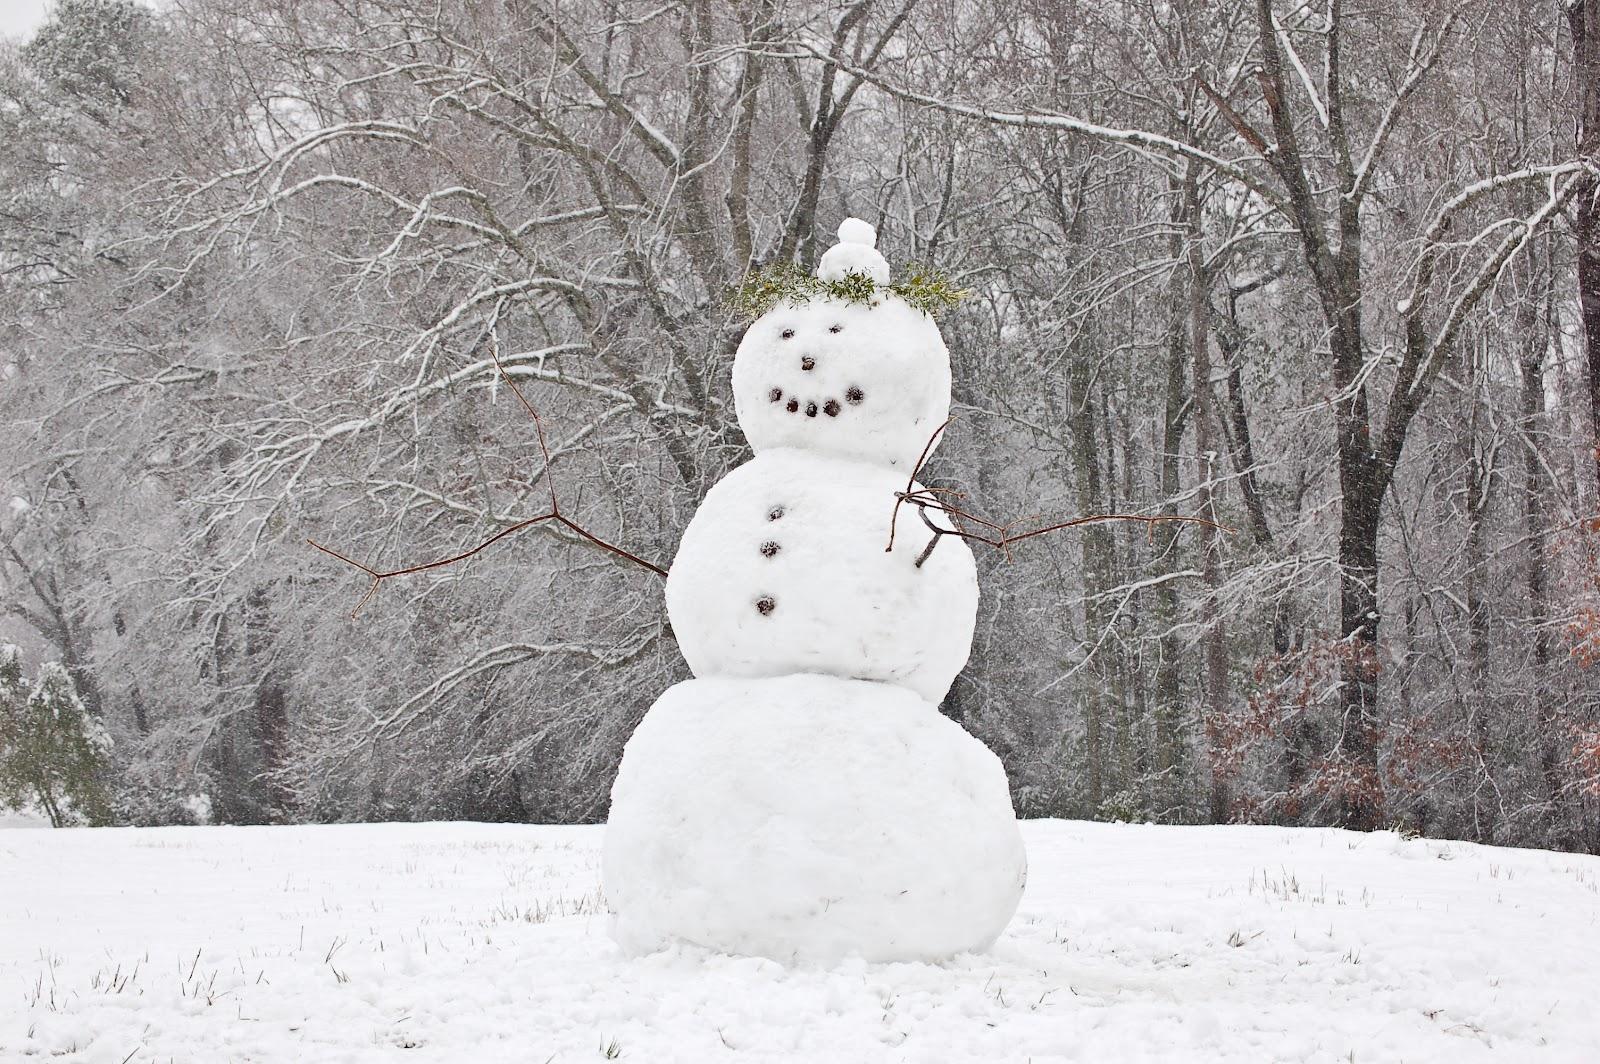 File:Auburn Alabama Snowman